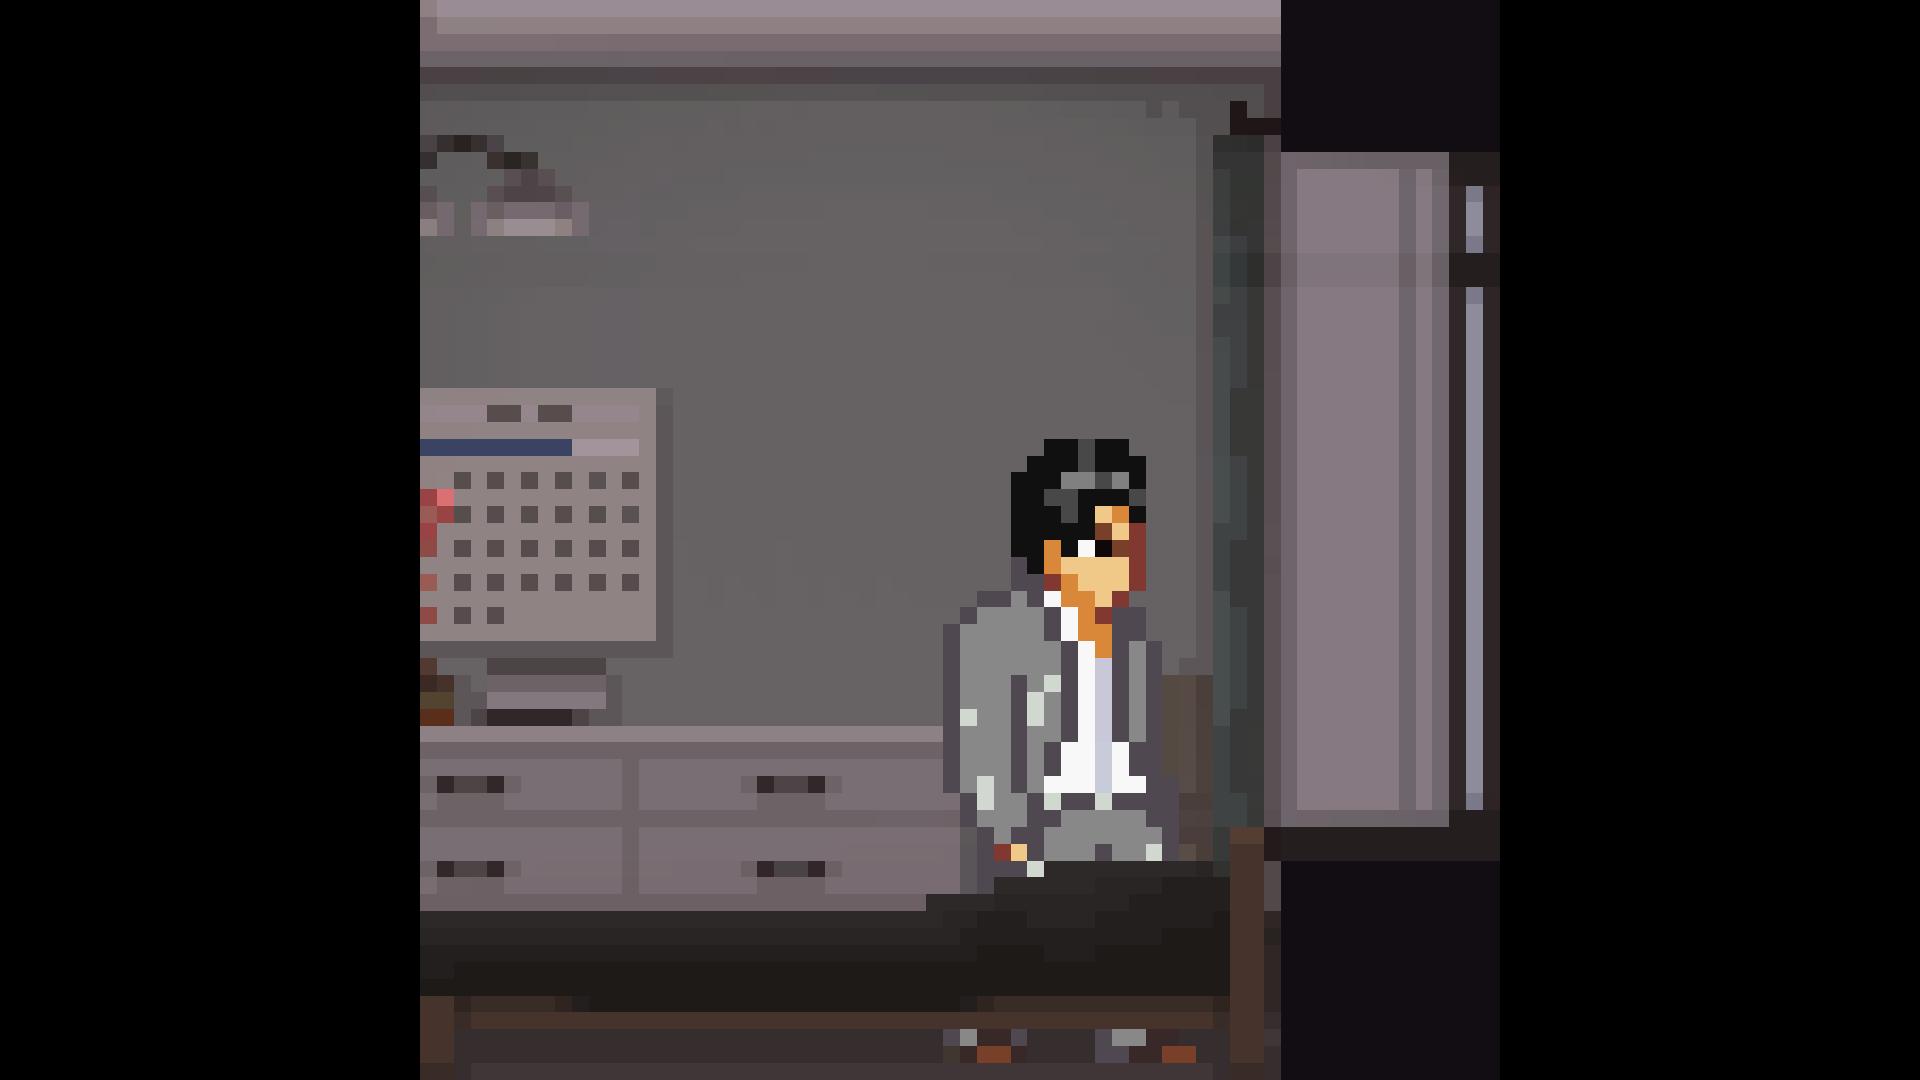 Icon for Alternate ending